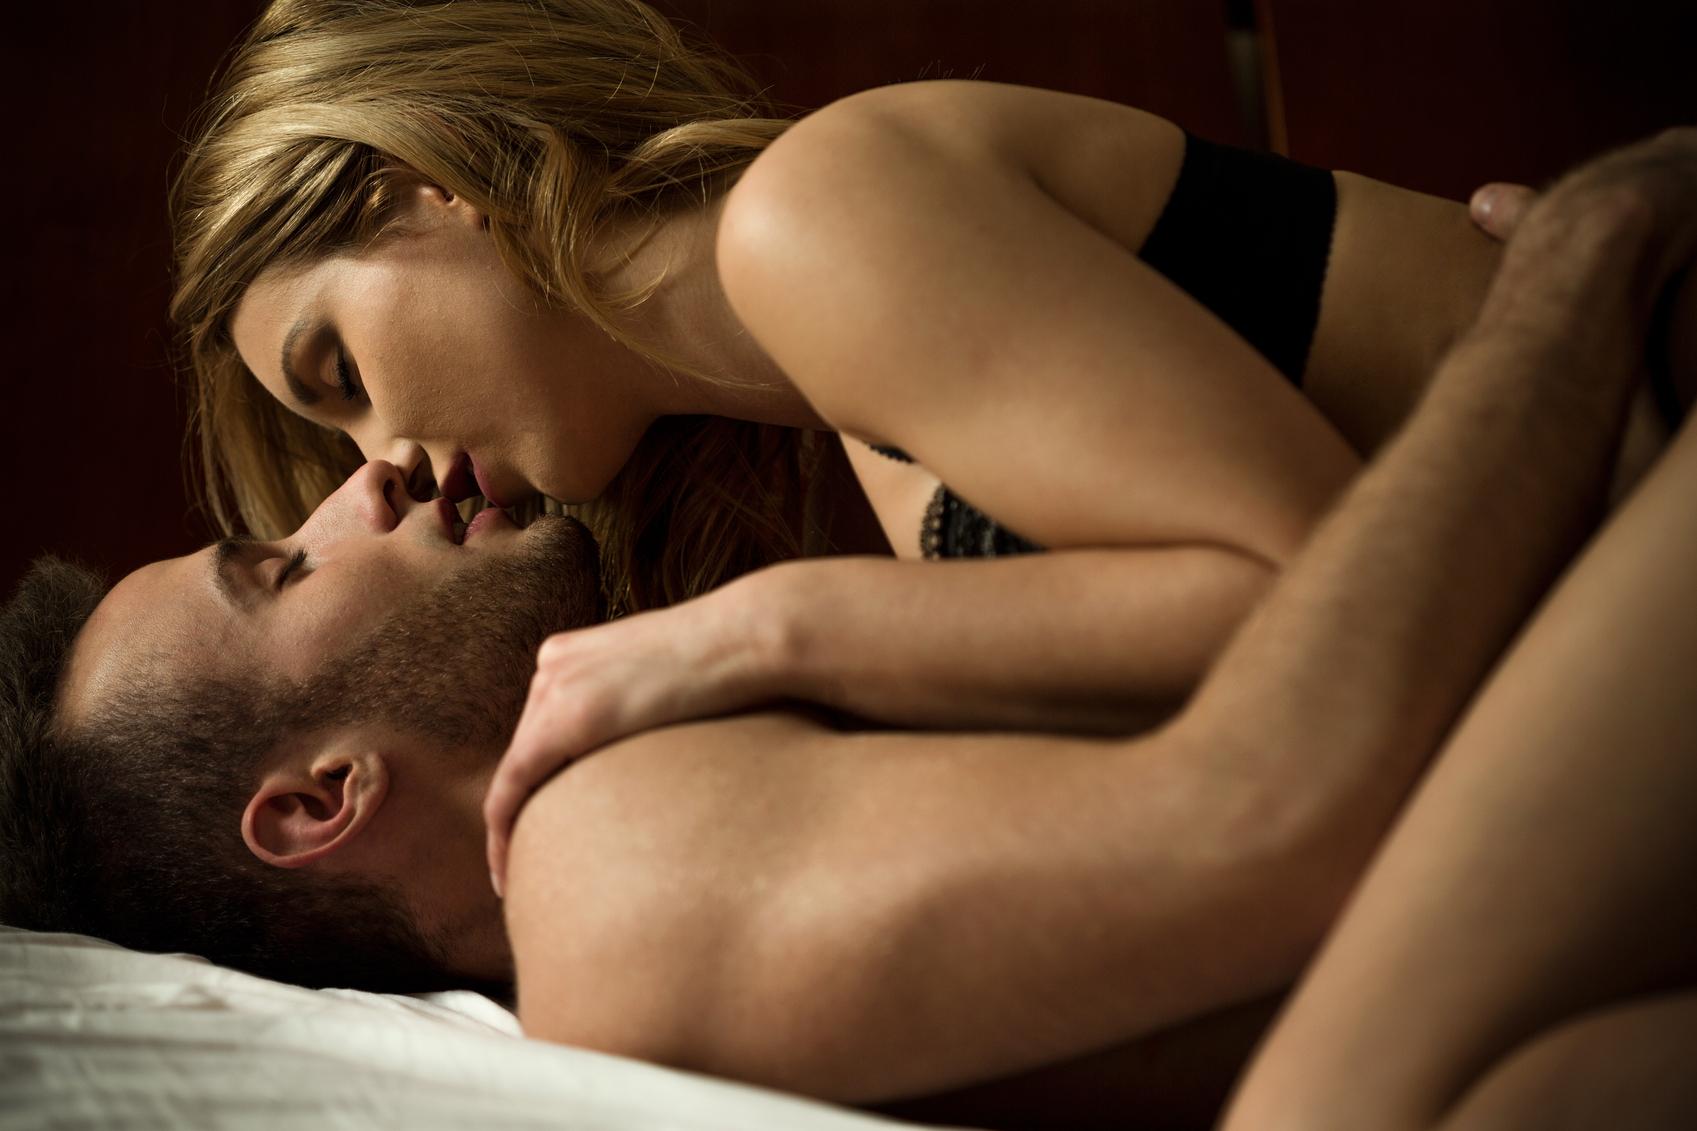 prostituierte auf englisch sexstellungen bezeichnung